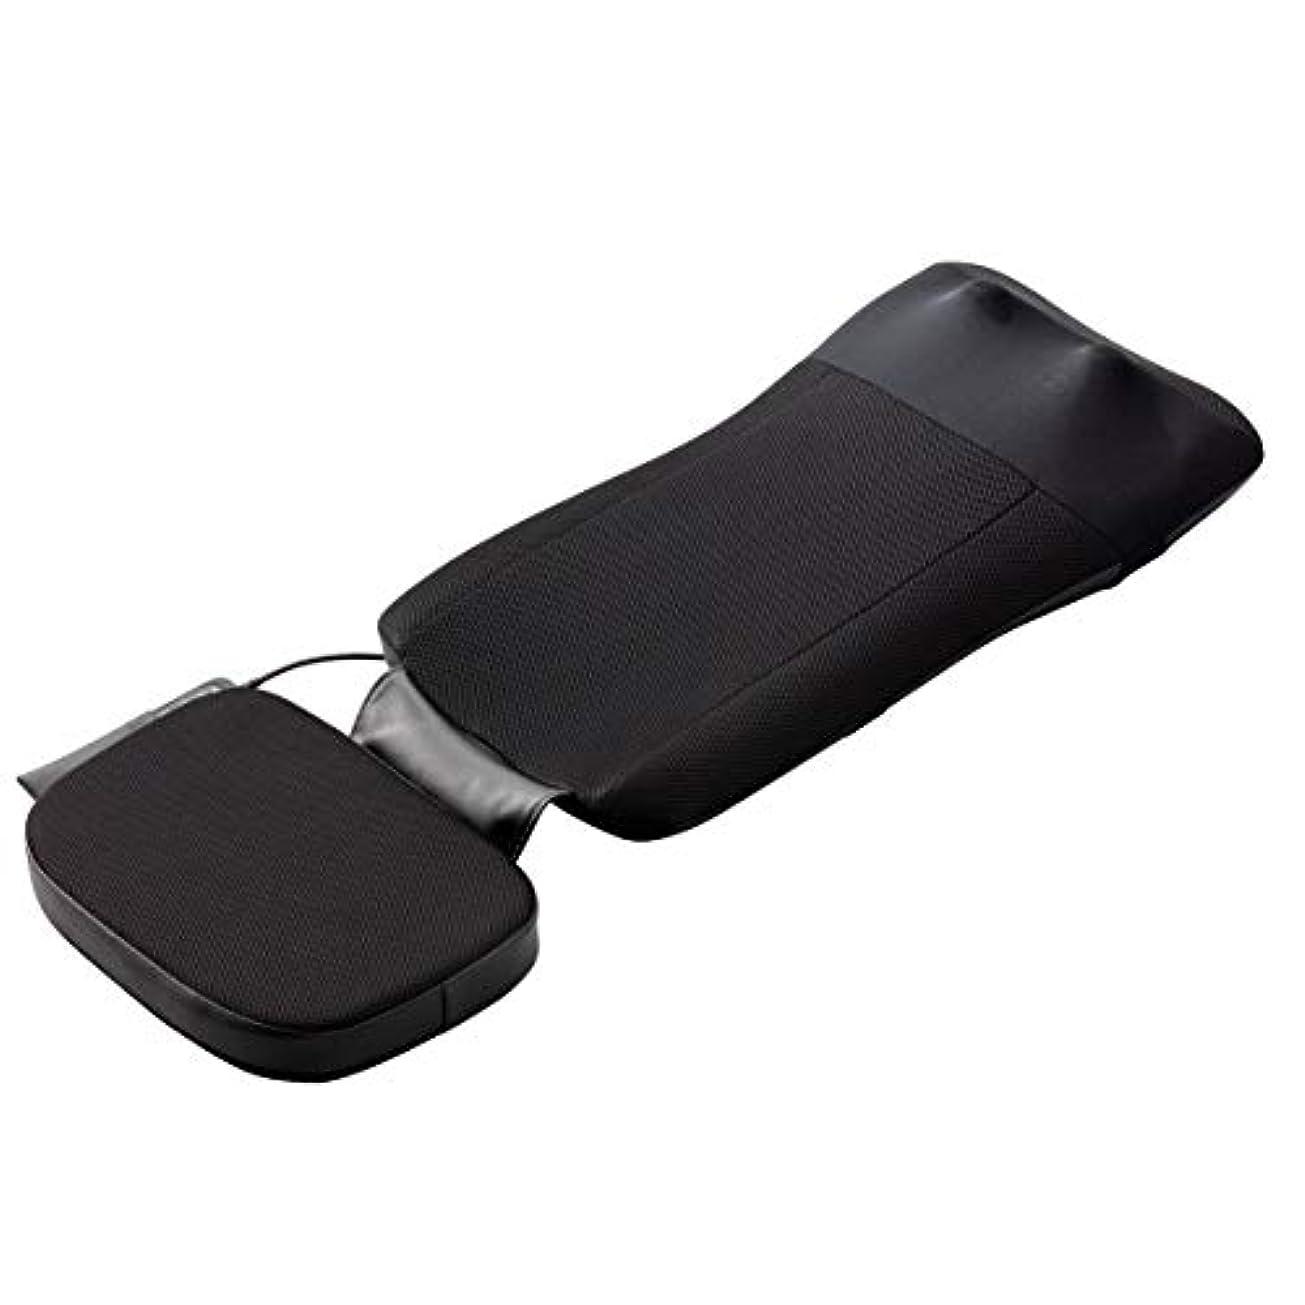 効能何か抜本的なスライヴ マッサージシート 【寝て使用可能】ストレッチコース付き ブラック MD-8670 BK